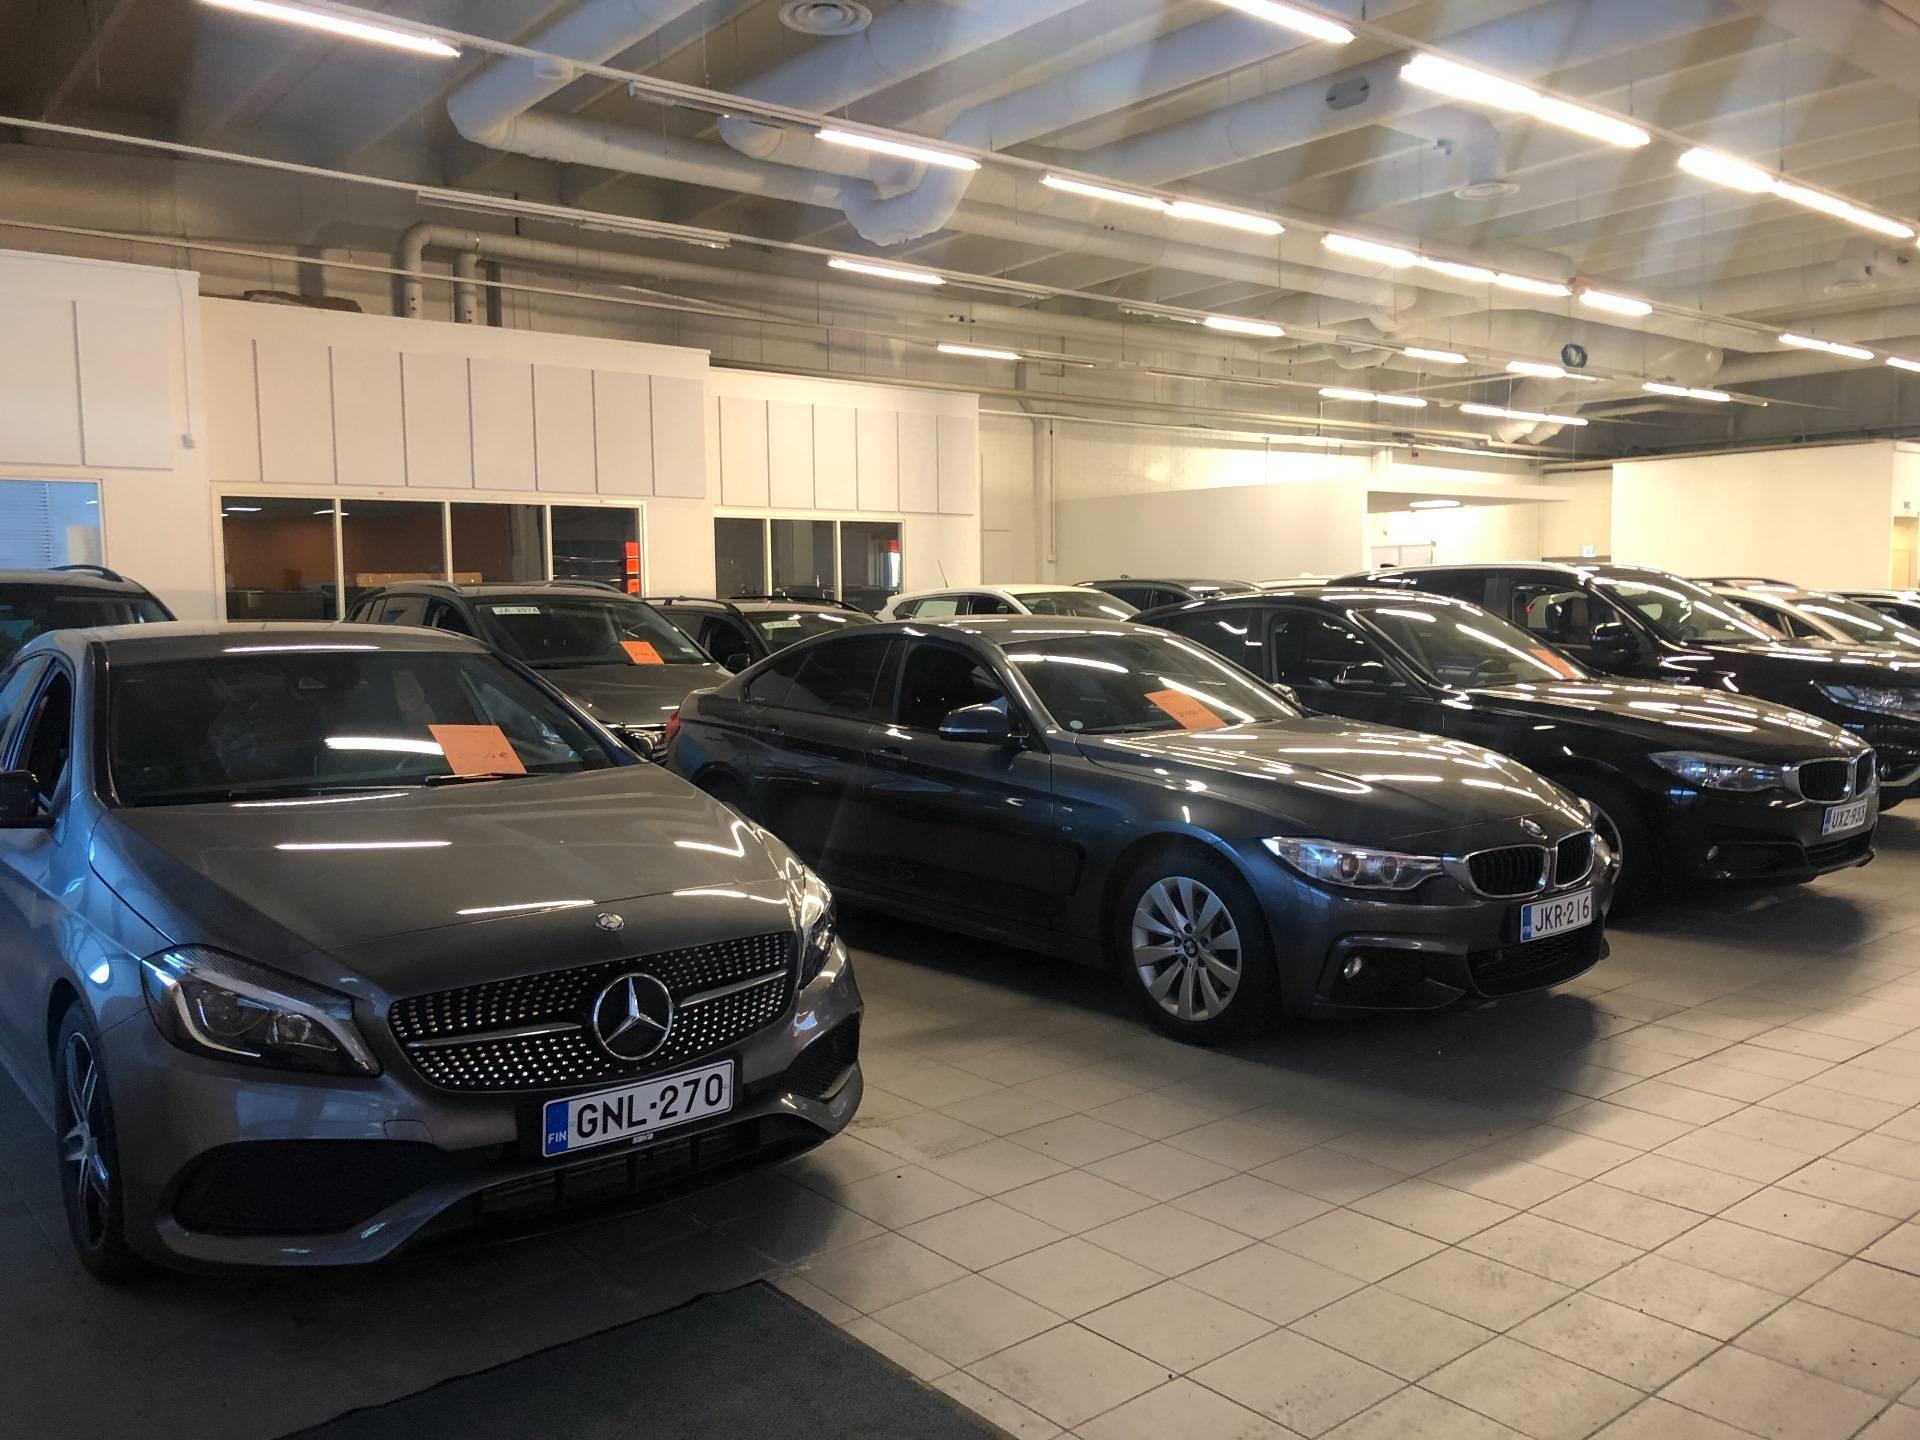 Поездка в финляндию на машине, маршрут, цены и что нужно знать